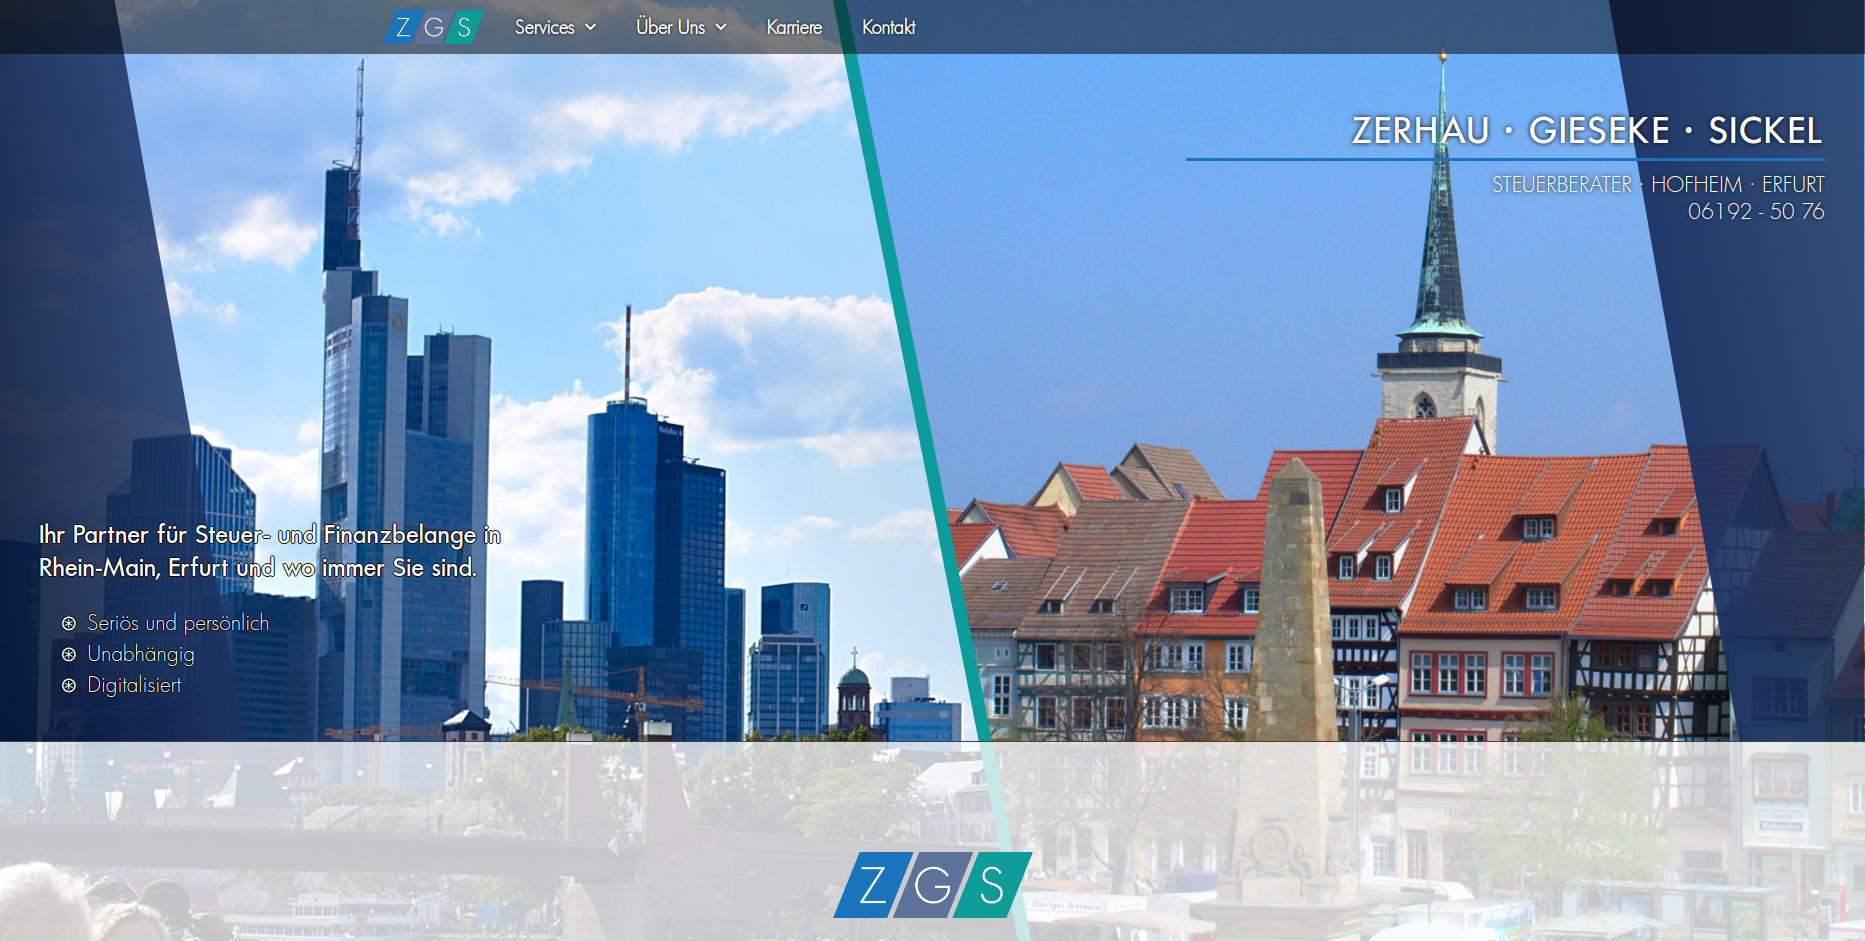 Beispiel-Website | Website · Profil · Marktpräsenz für Selbständige | Pro-File.ONE